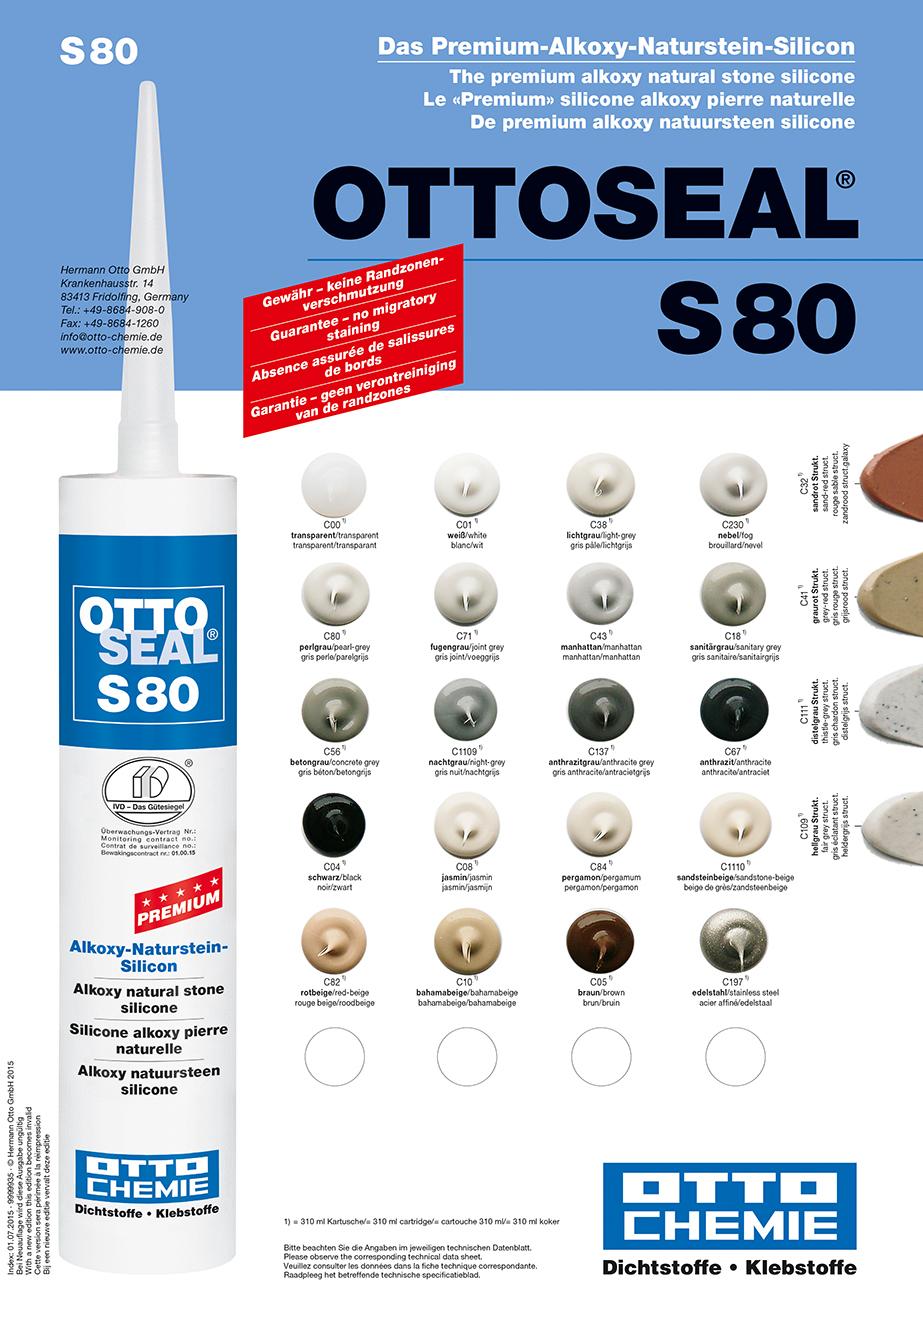 Ottoseal S80 Das Premium Alkoxy Naturstein Silicon Kartusche 310ml